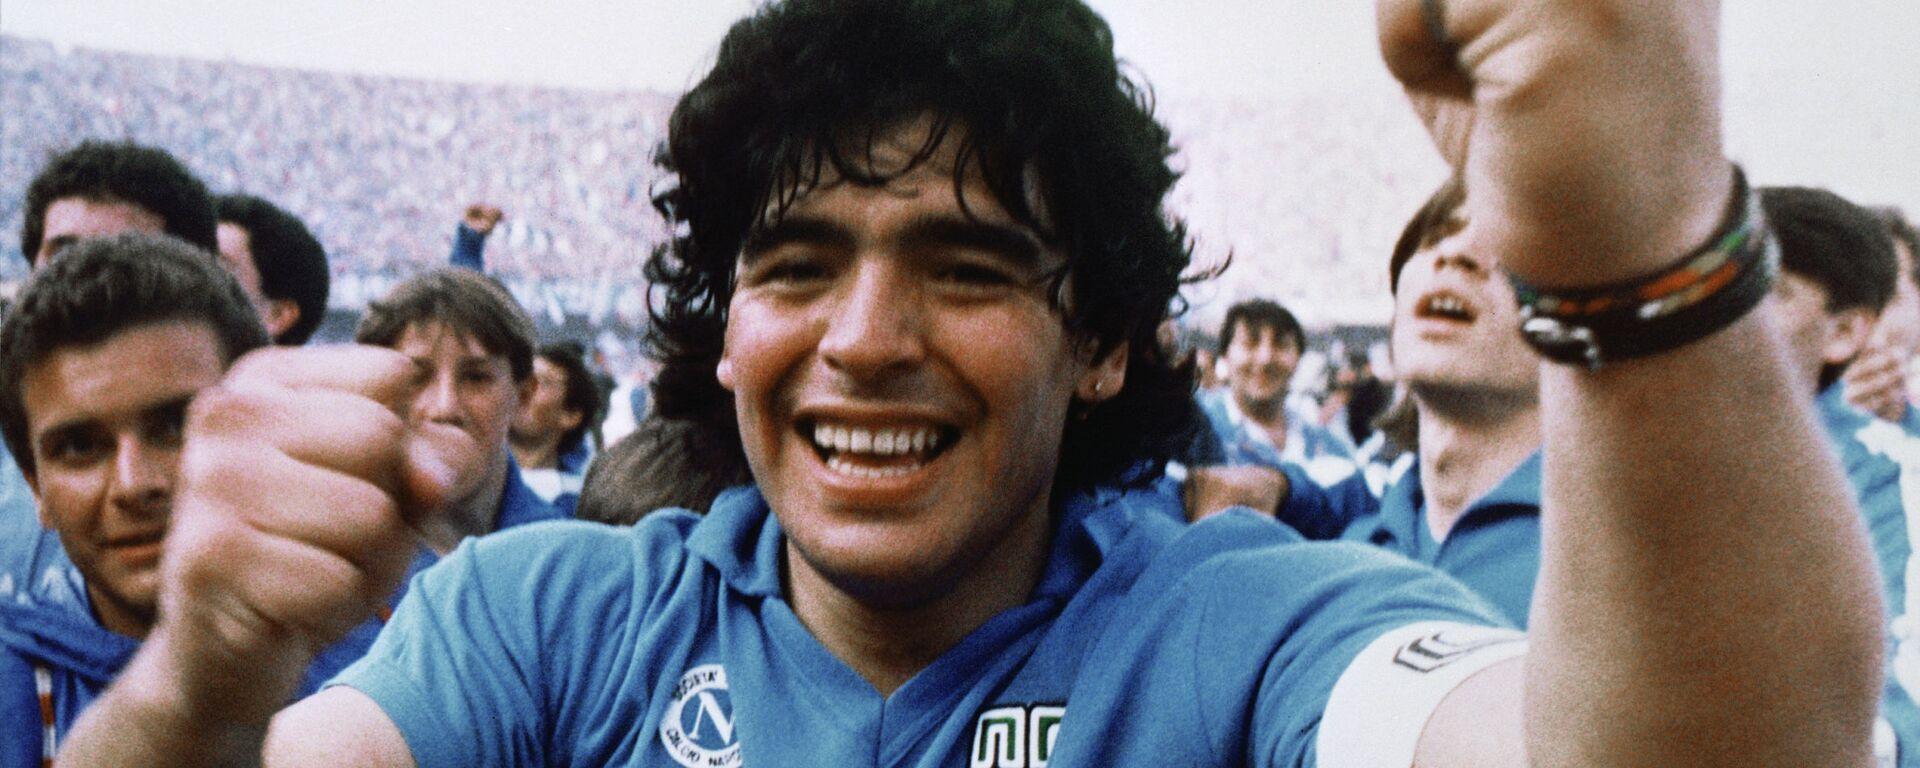 Диего Марадона после победы клуба Наполи в чемпионате Италии, 1987 - Sputnik Mundo, 1920, 14.09.2021